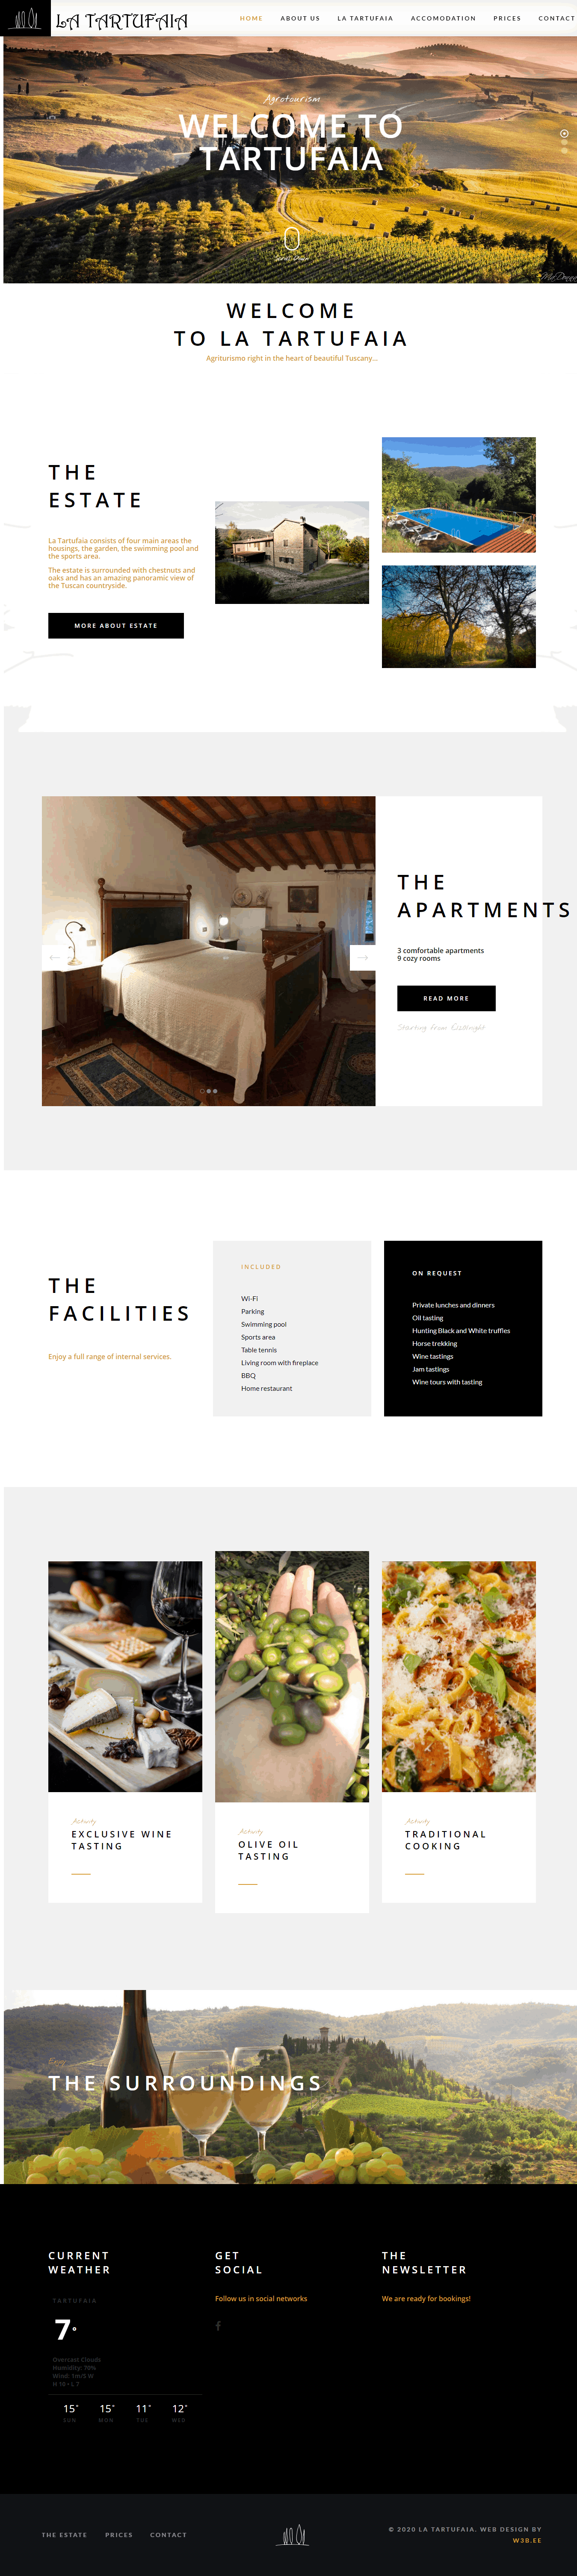 tartufaia website screen shot